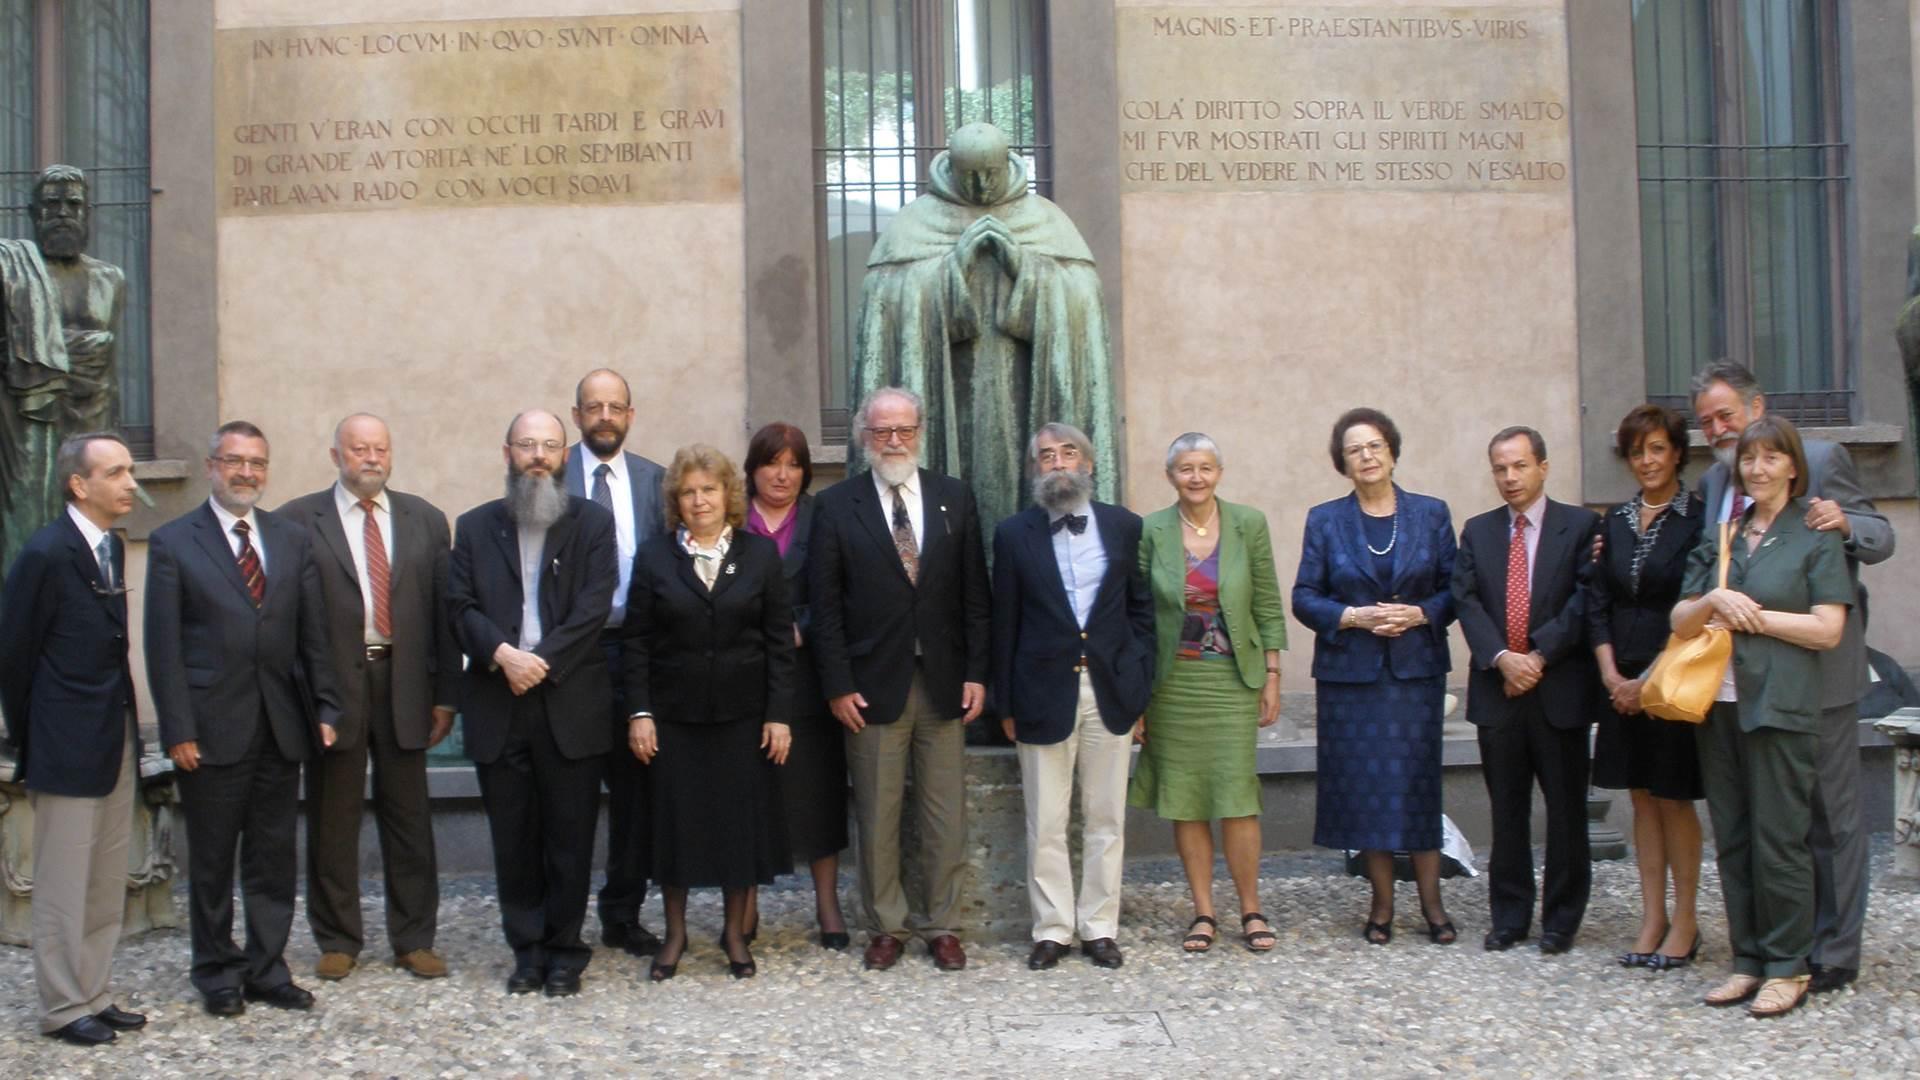 <p>Gli Accademici Fondatori della Classe di Slavistica (2009)</p>